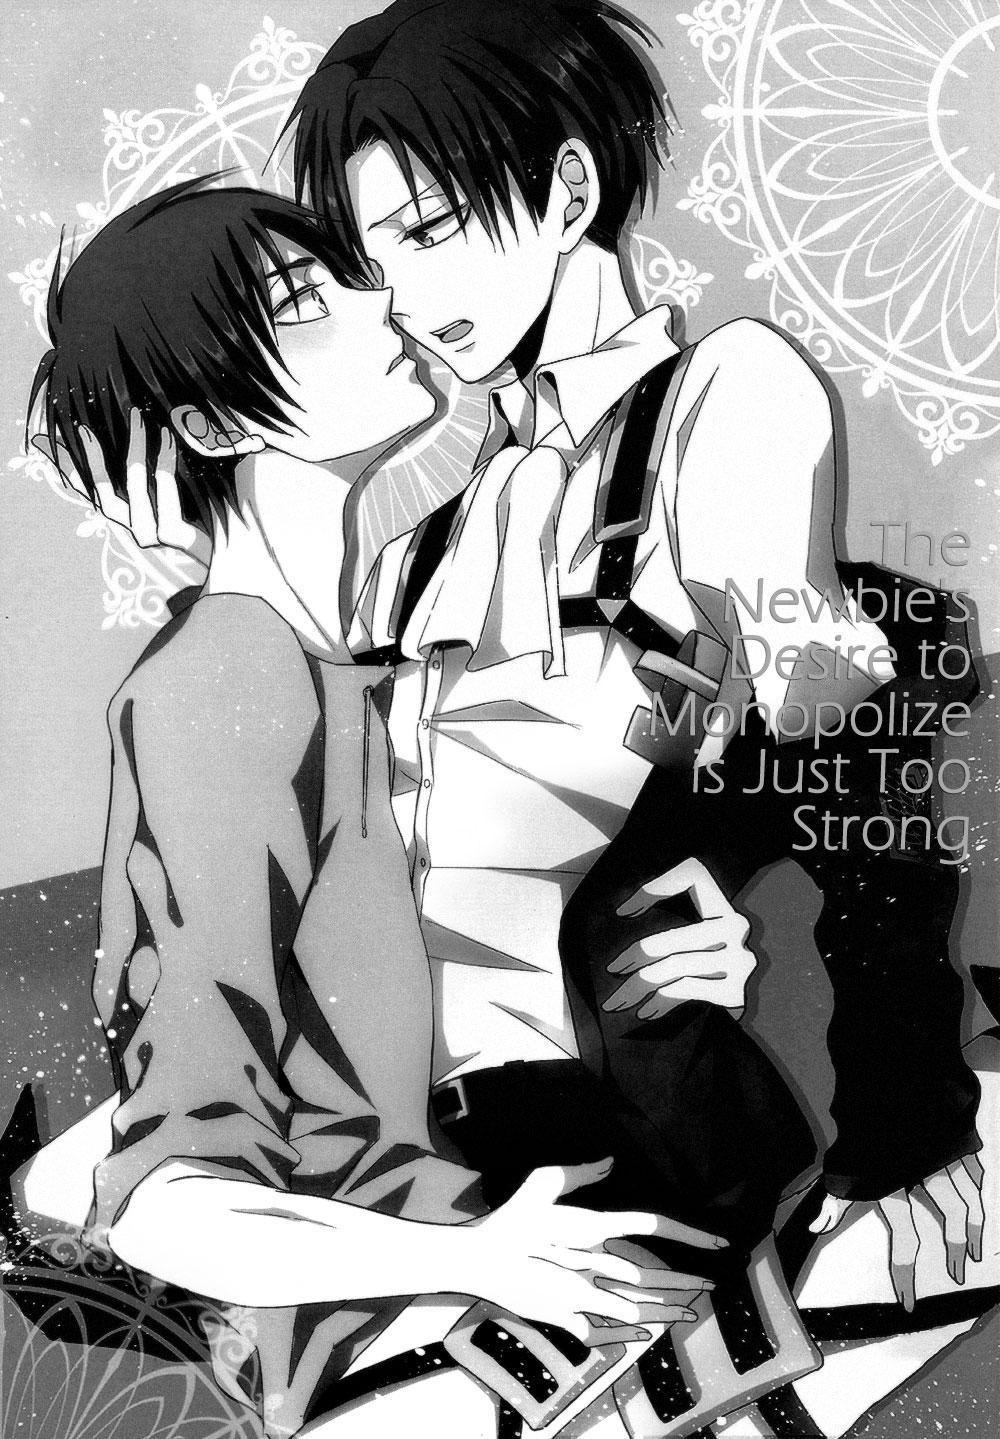 Shinpei no Dokusen yoku ga tsuyo sugite komaru. | The Newbie's Desire to Monopolize is Just Too Strong 1